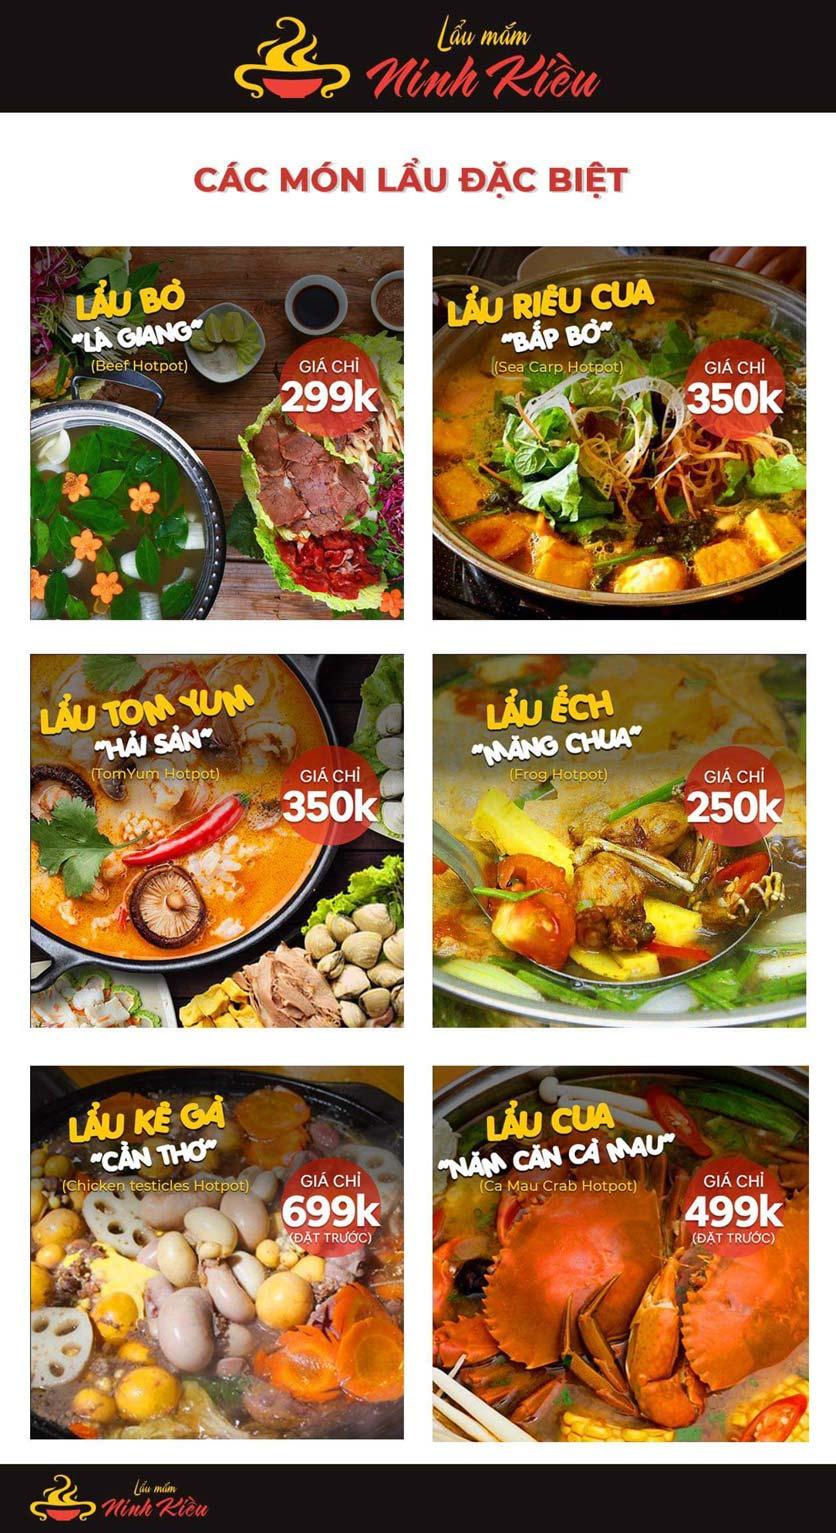 Menu Lẩu Mắm Ninh Kiều - Hàng Bún 7